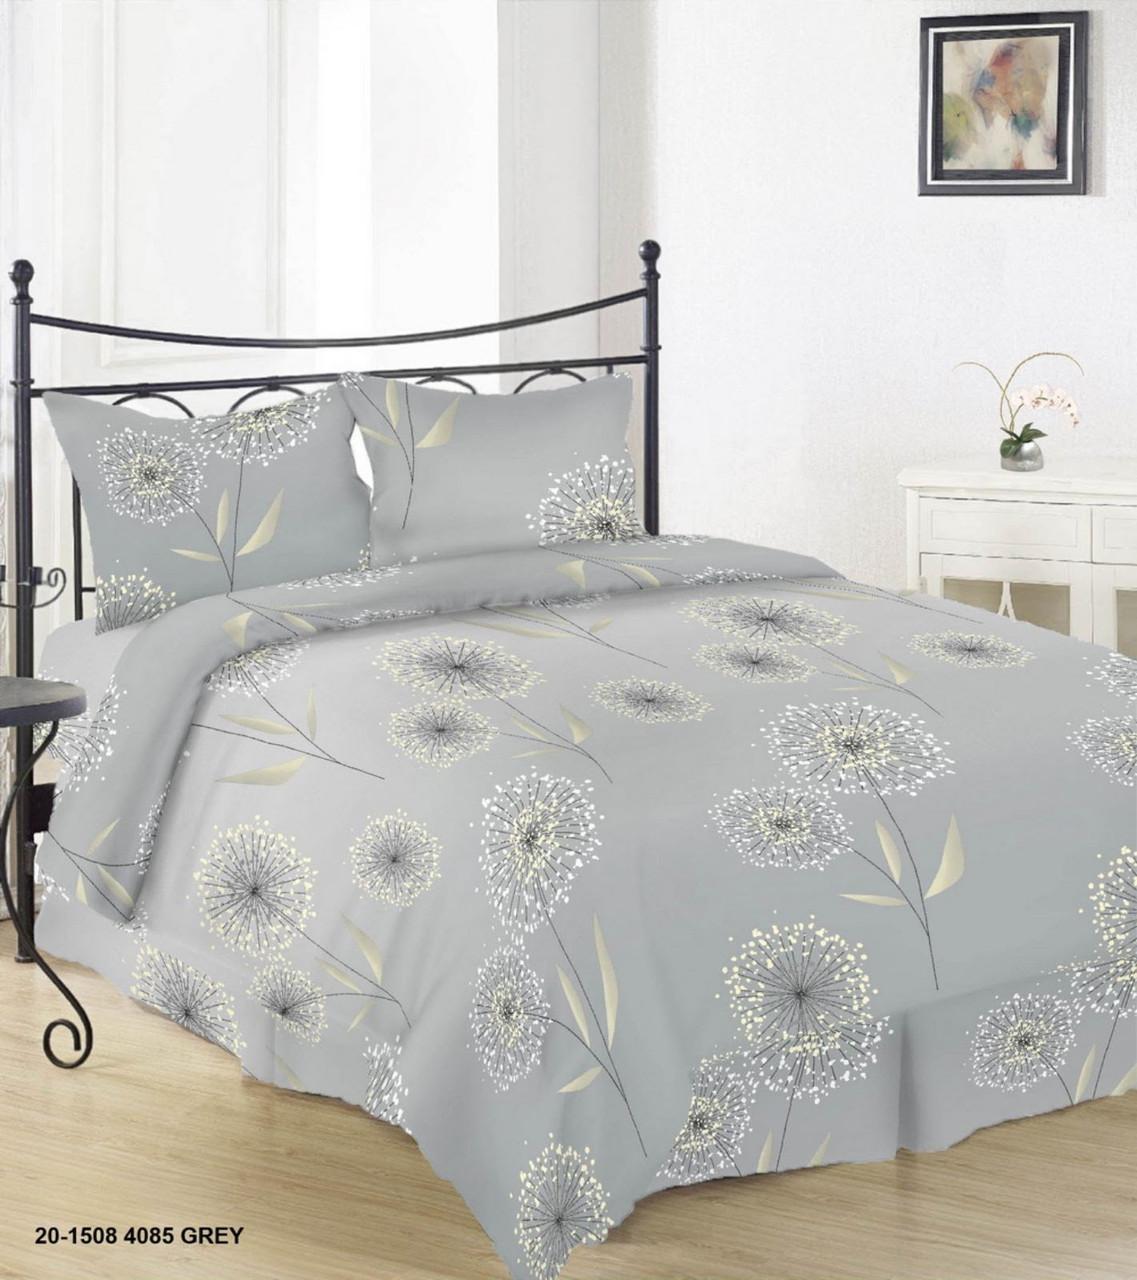 Комплект красивого и качественного постельного белья семейка, одуванчики на сером